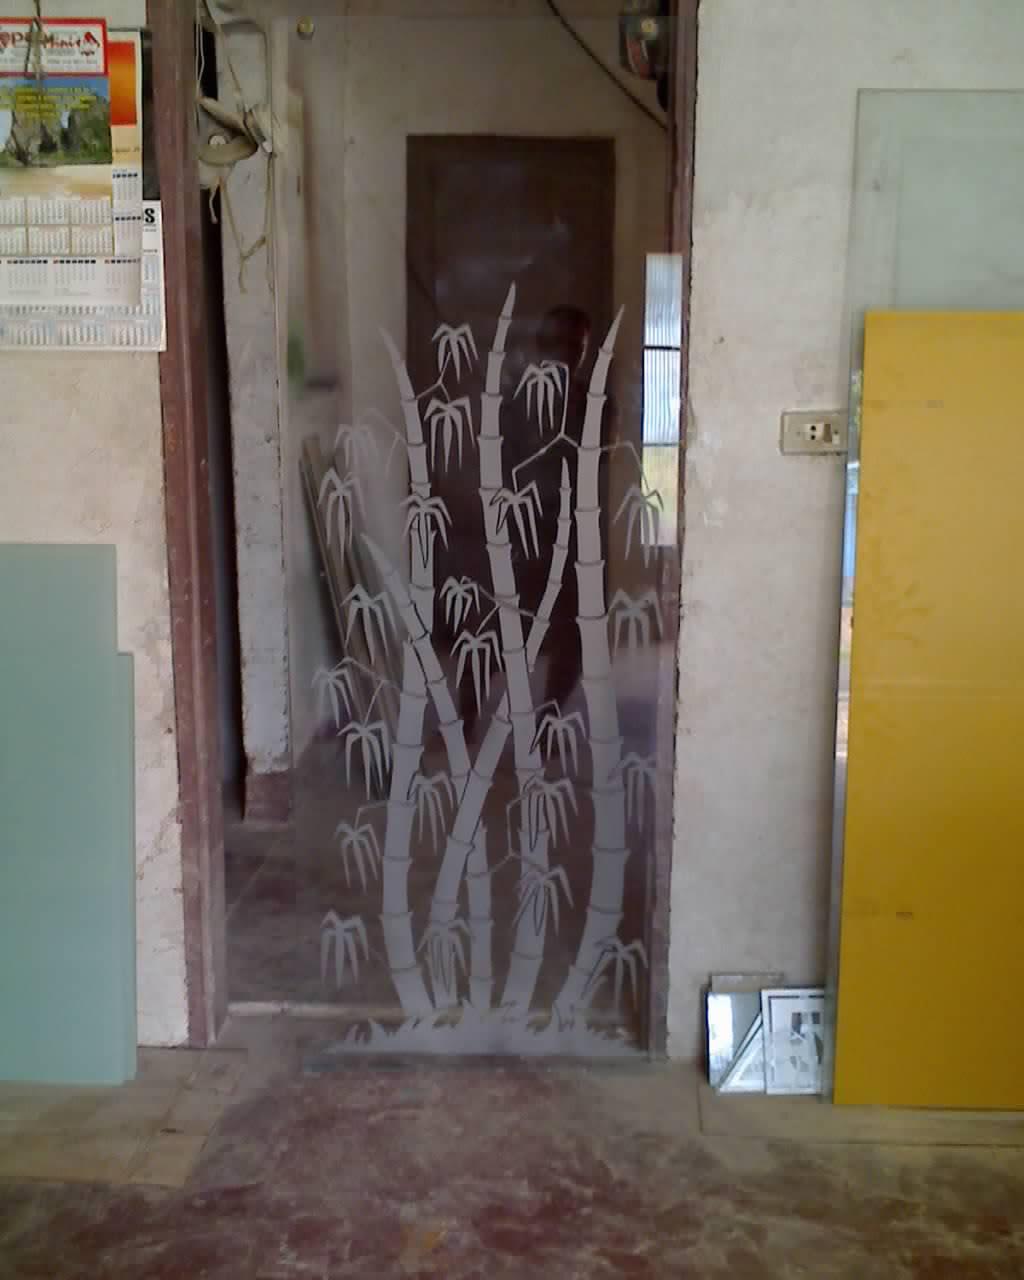 Imagens de #80692E Adesivo decorativo box banheiro/Jateado/ Bauru 1024x1280 px 3090 Box Banheiro Bauru